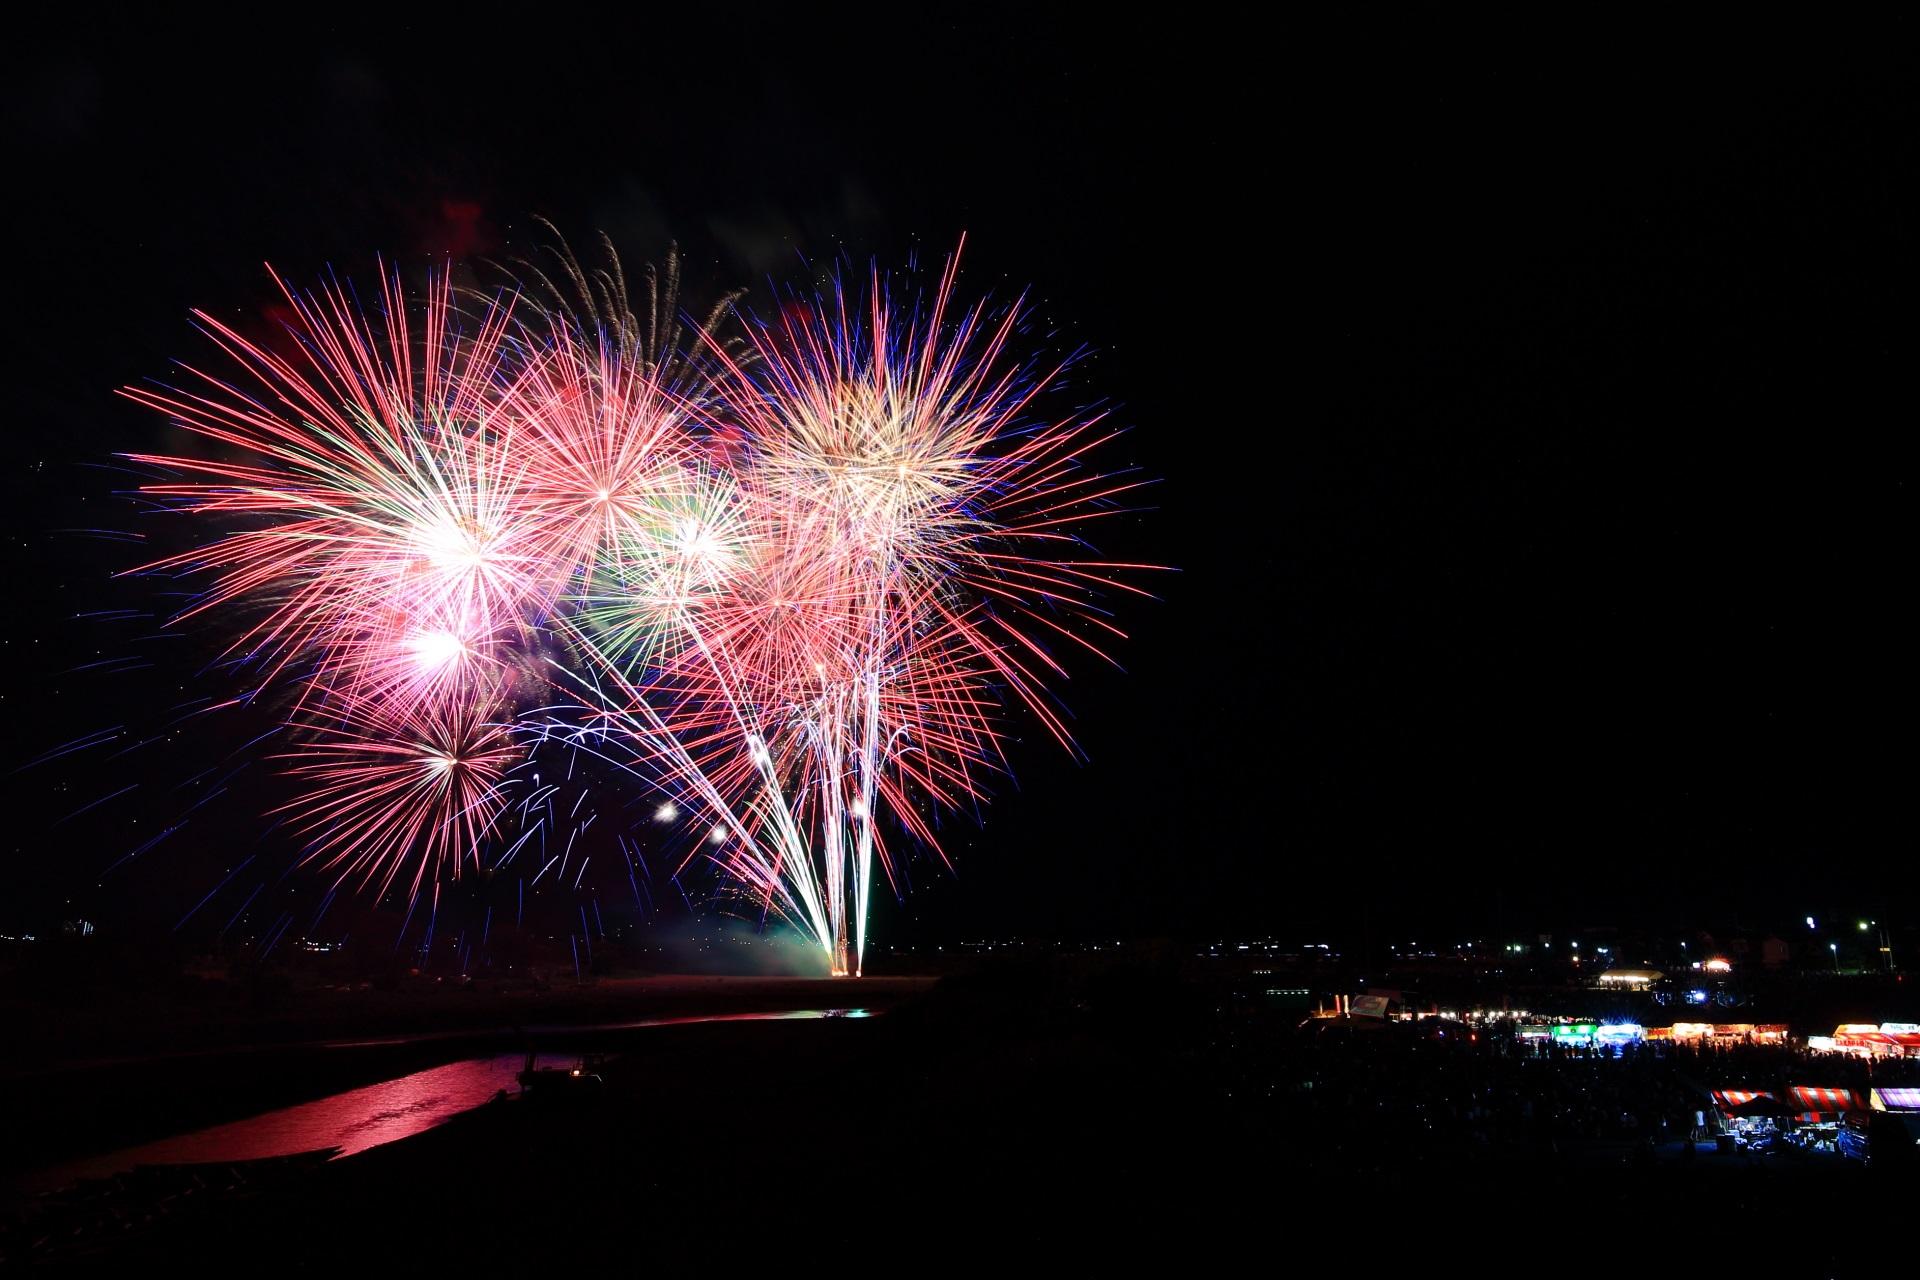 保津川に映る亀岡の花火の鮮やかな水鏡